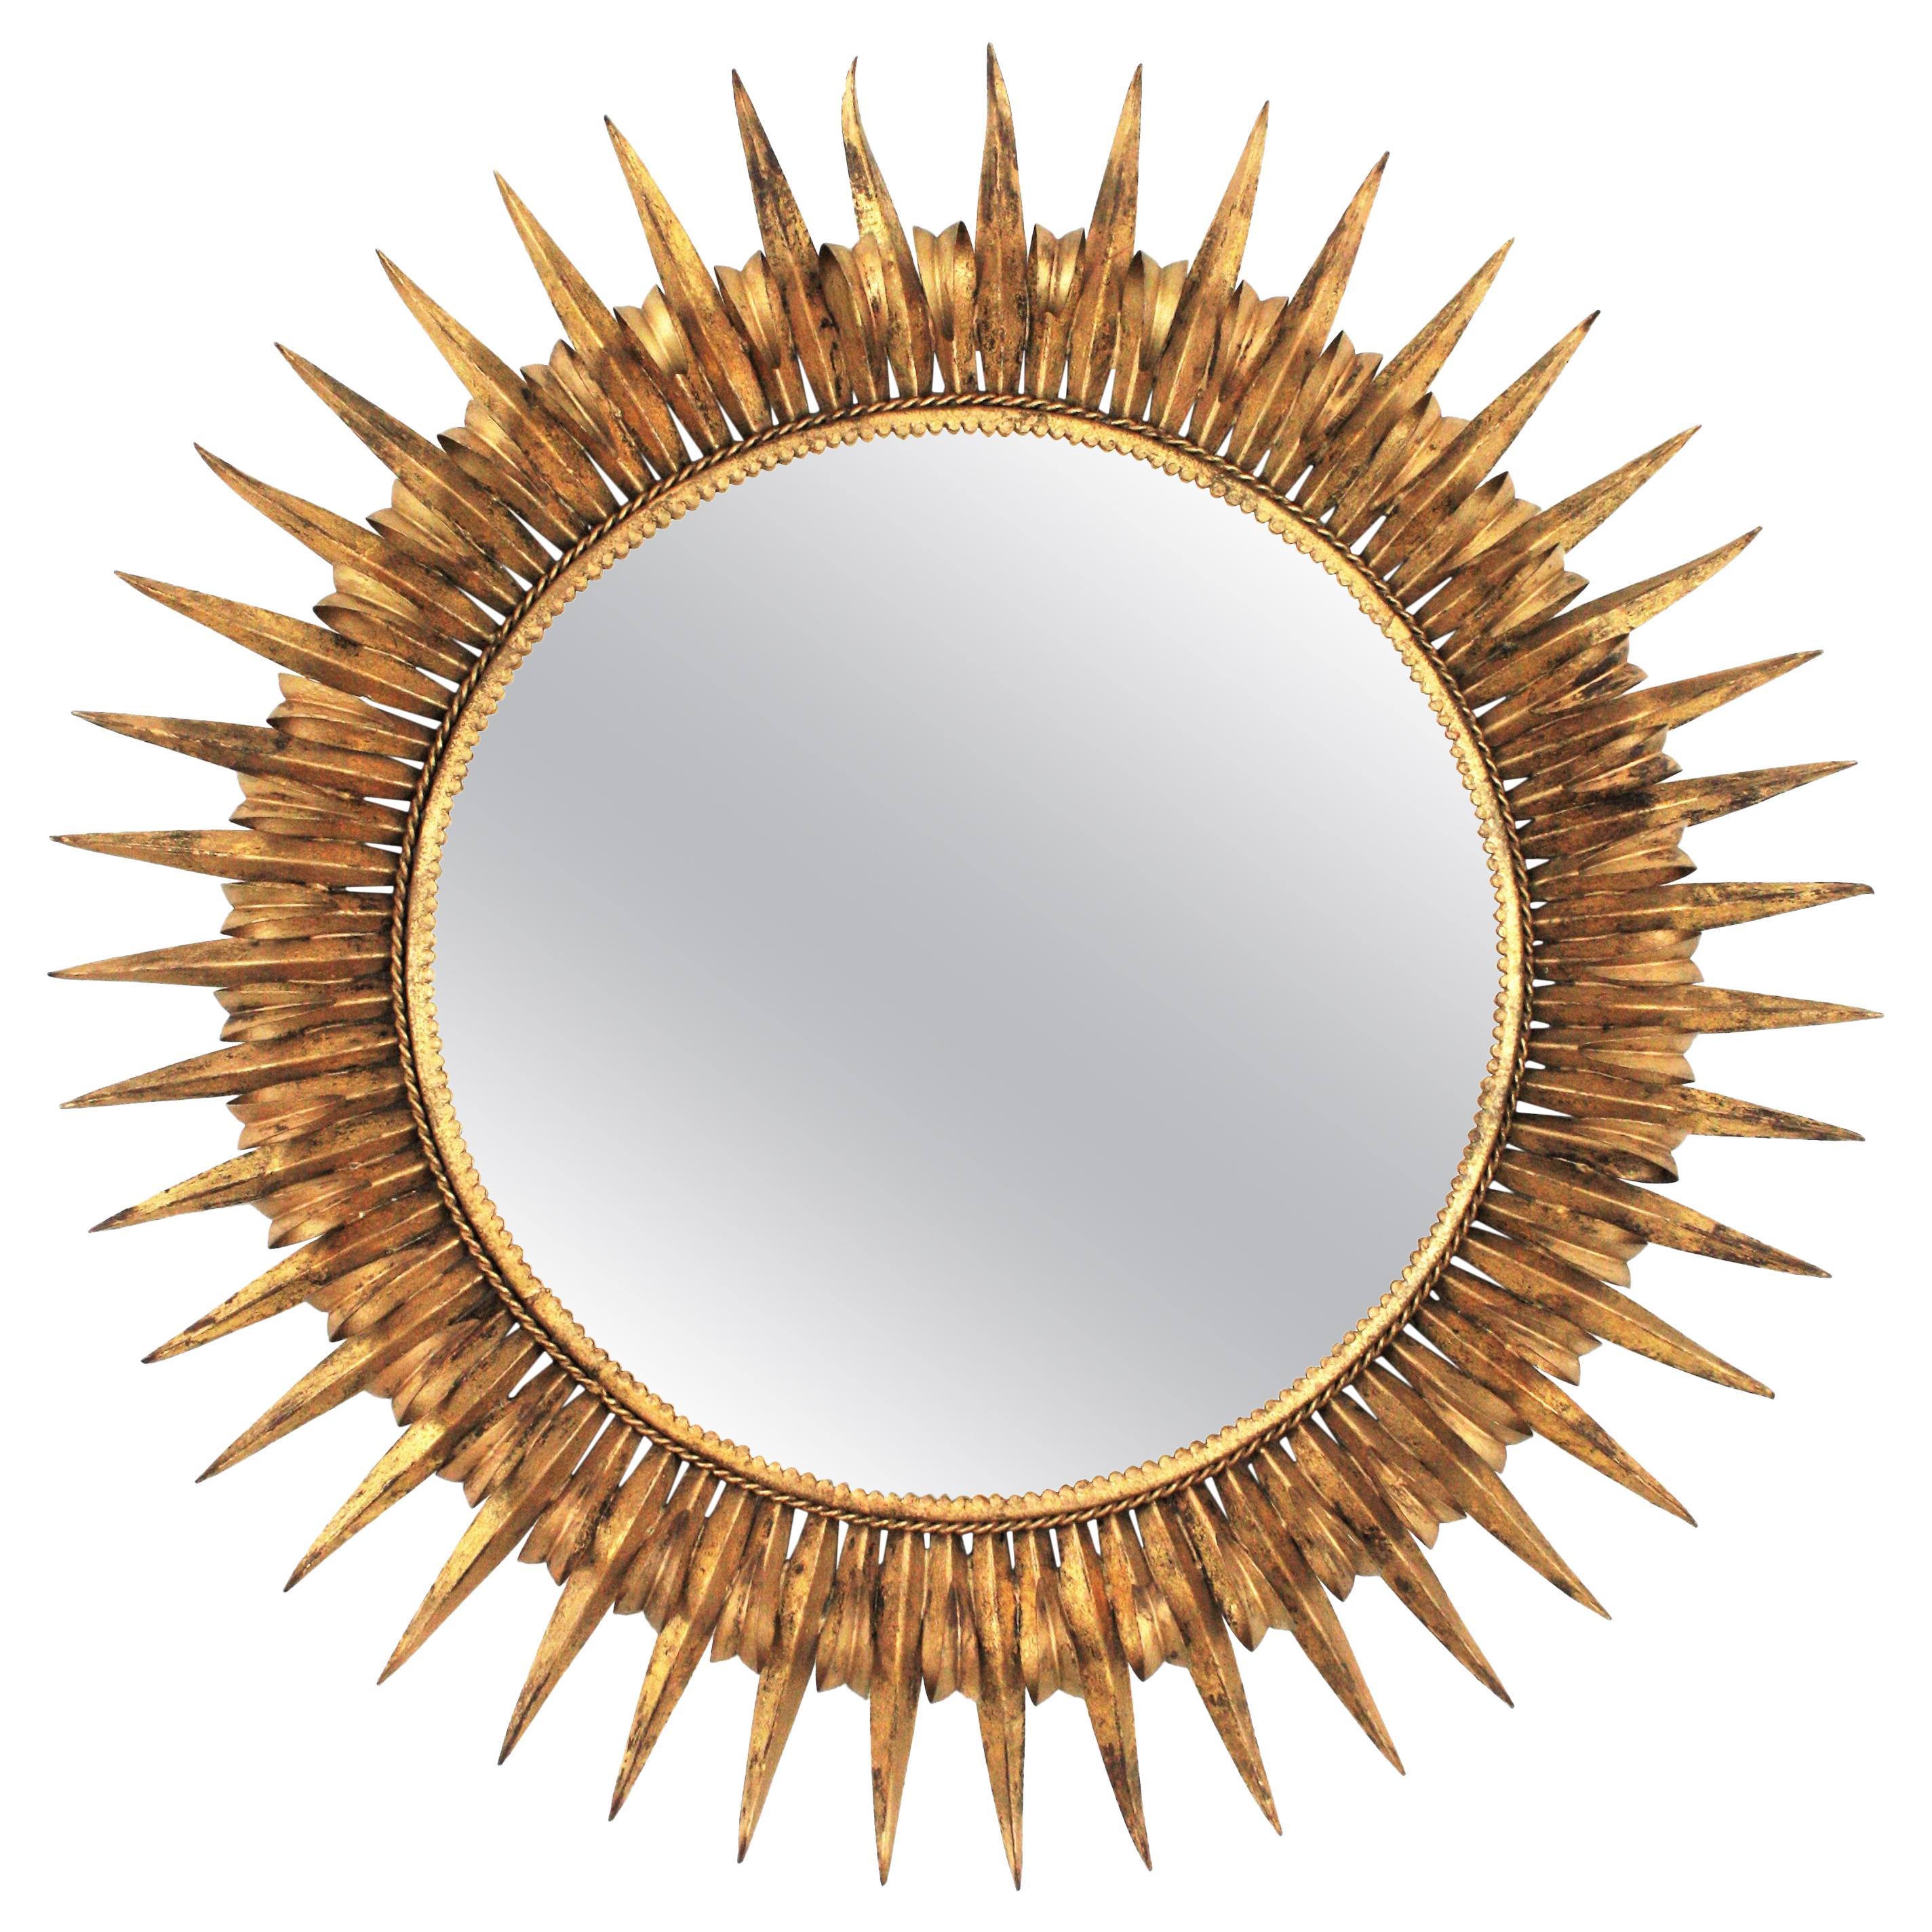 Large Gold Gilt Wrought Iron Eyelash Round Sunburst Mirror, France 1950s